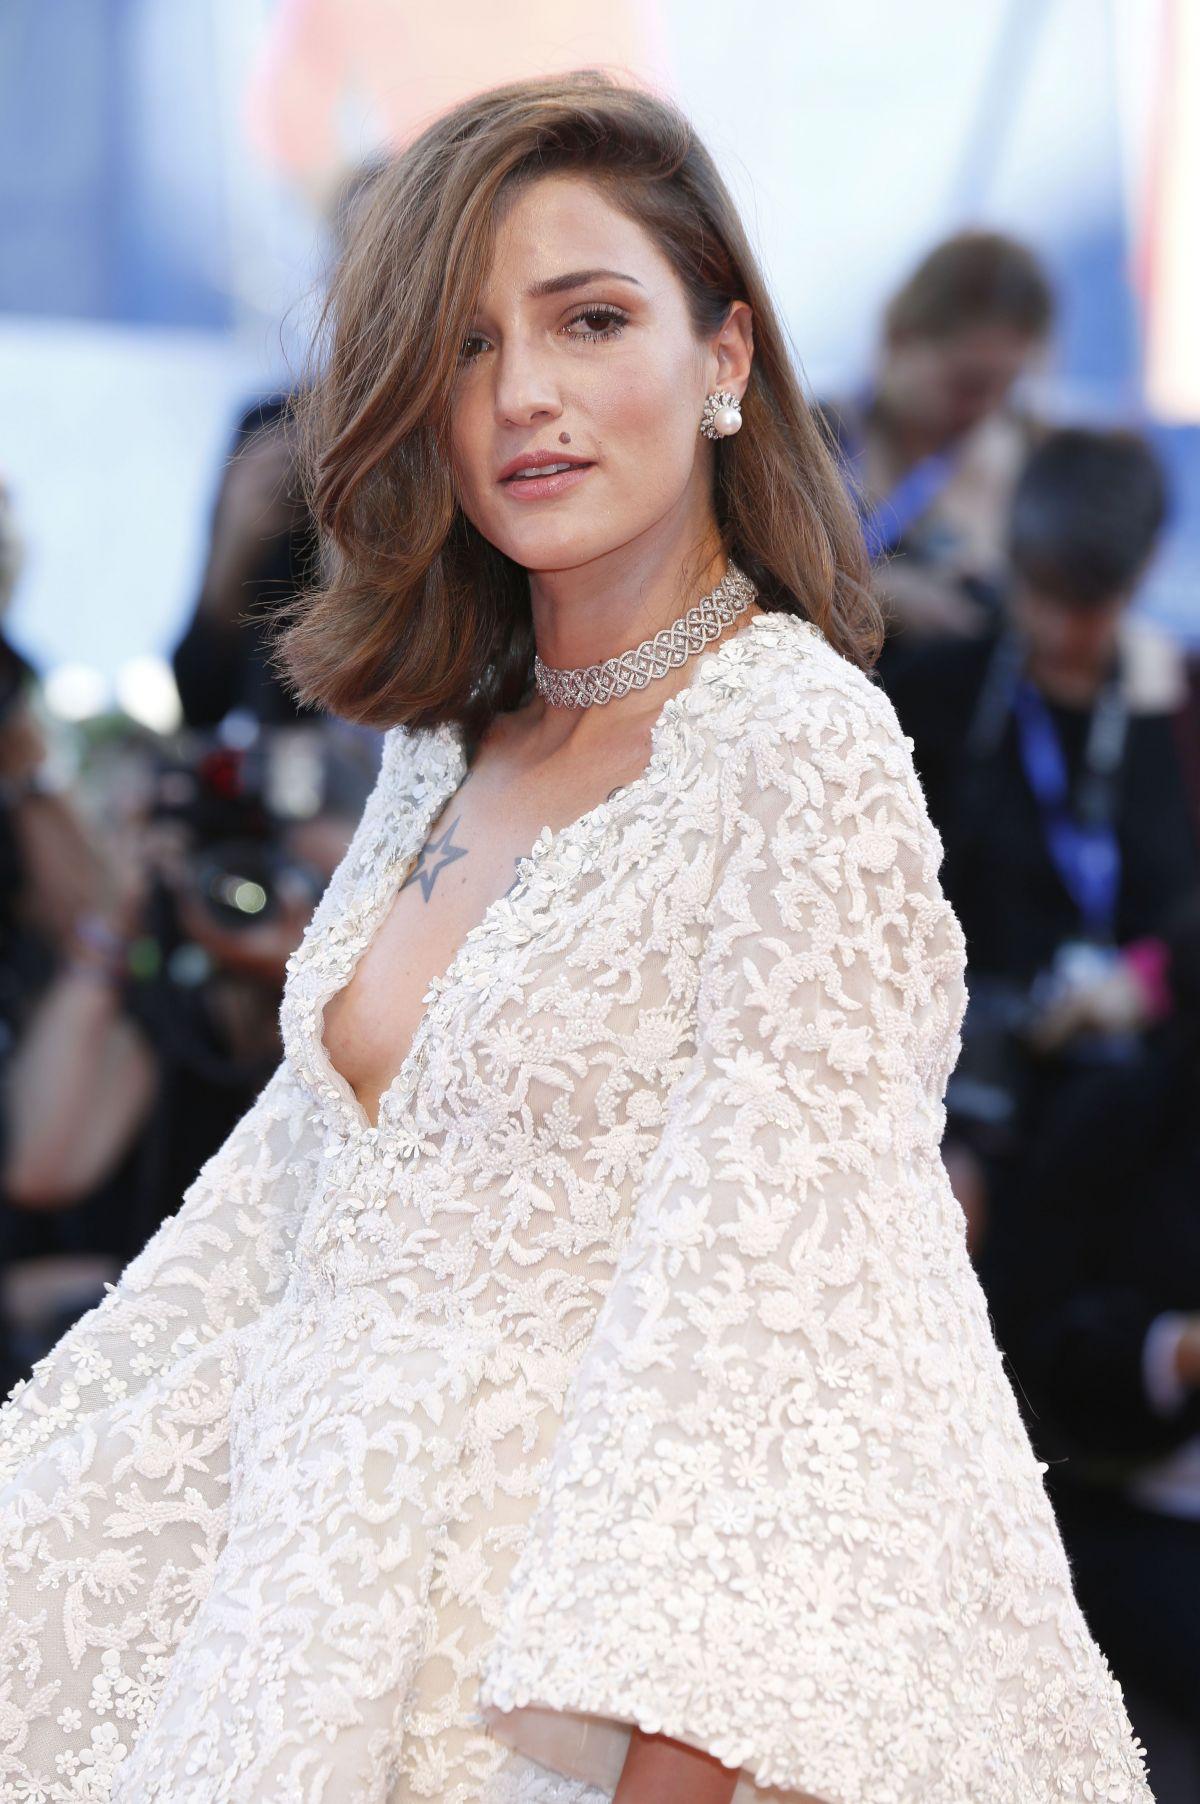 ELEONORA CARISI at 'La La Land' Premiere at 2016 Venice Film Festival 08/31/2016